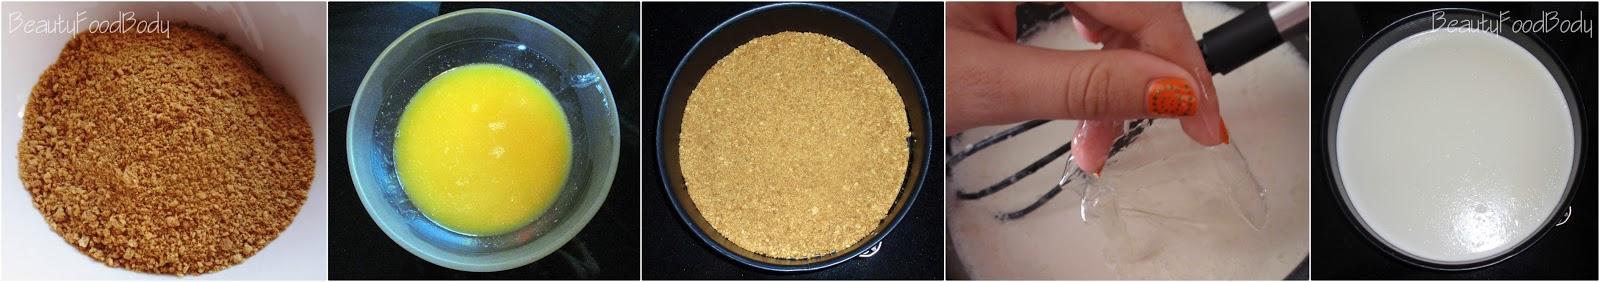 receta tarta de queso cheesecake sin horno rubibeauty beautyfoodbody elaboracion